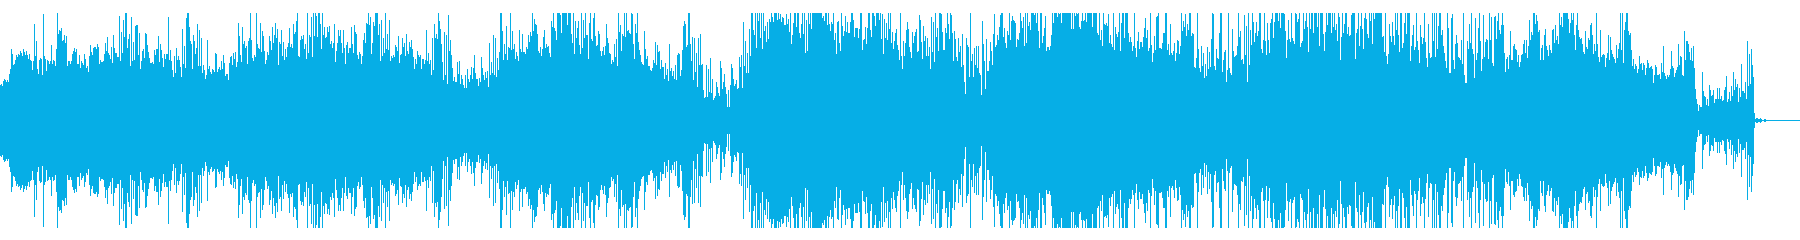 シンプルなインダストリアルの再生済みの波形